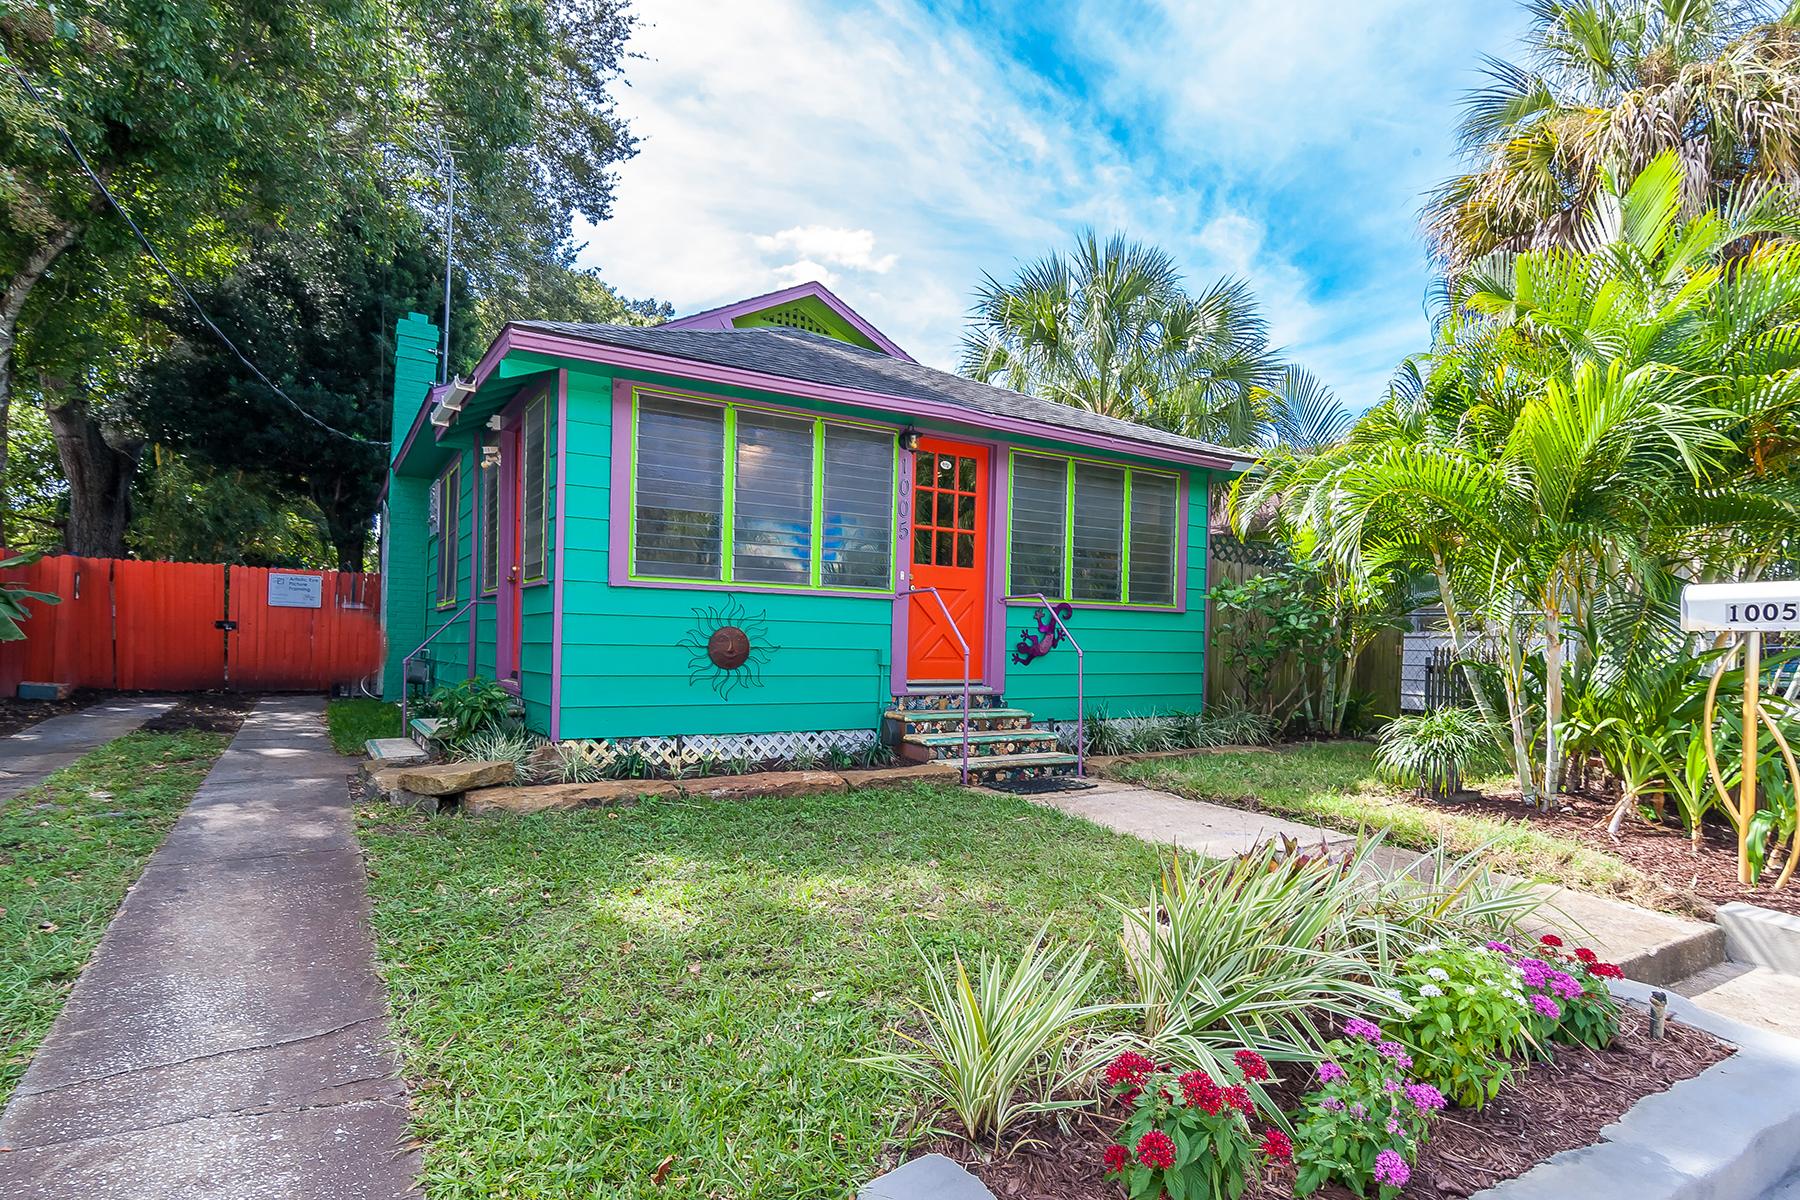 Casa Unifamiliar por un Venta en BRADENTON 1005 12th Ave W Bradenton, Florida, 34205 Estados Unidos